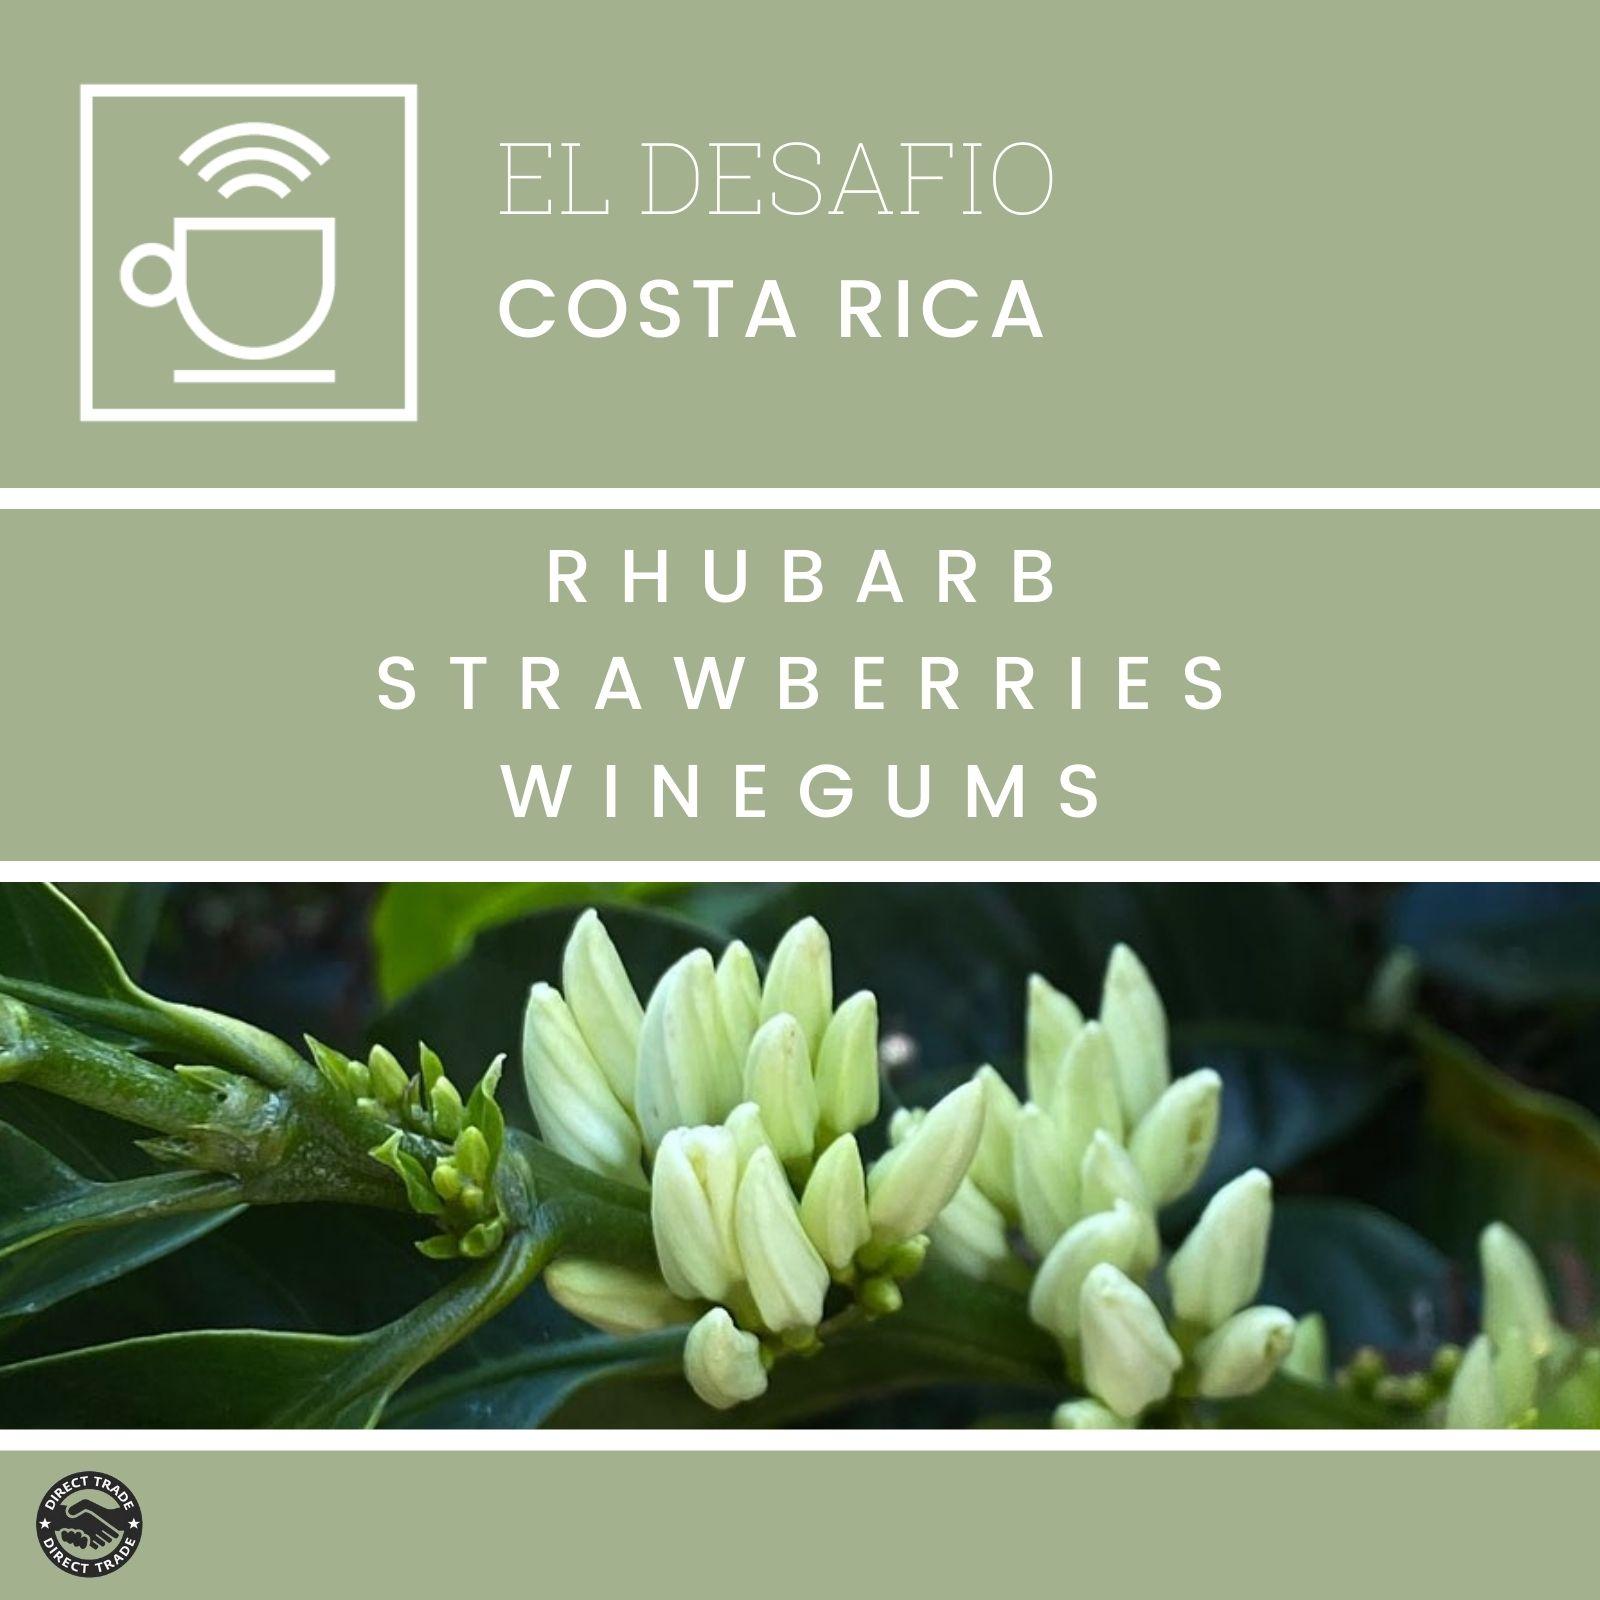 El Desafio natural - Costa Rica | 250g